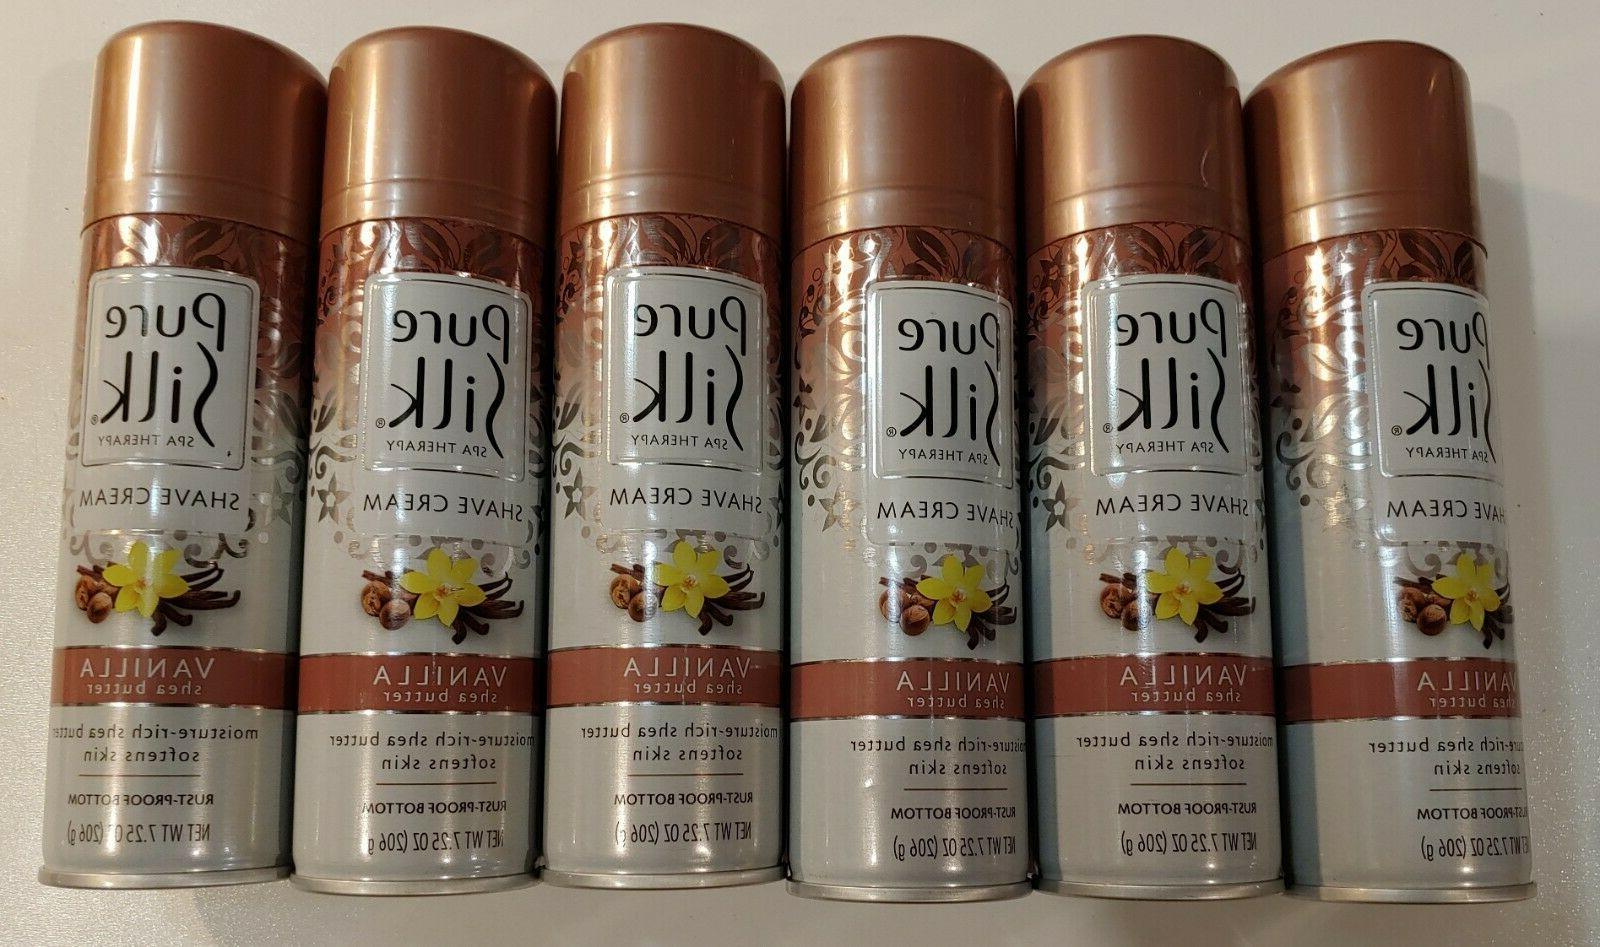 Pure Silk Vanilla Shea Butter Spa Therapy Shave Cream for Wo